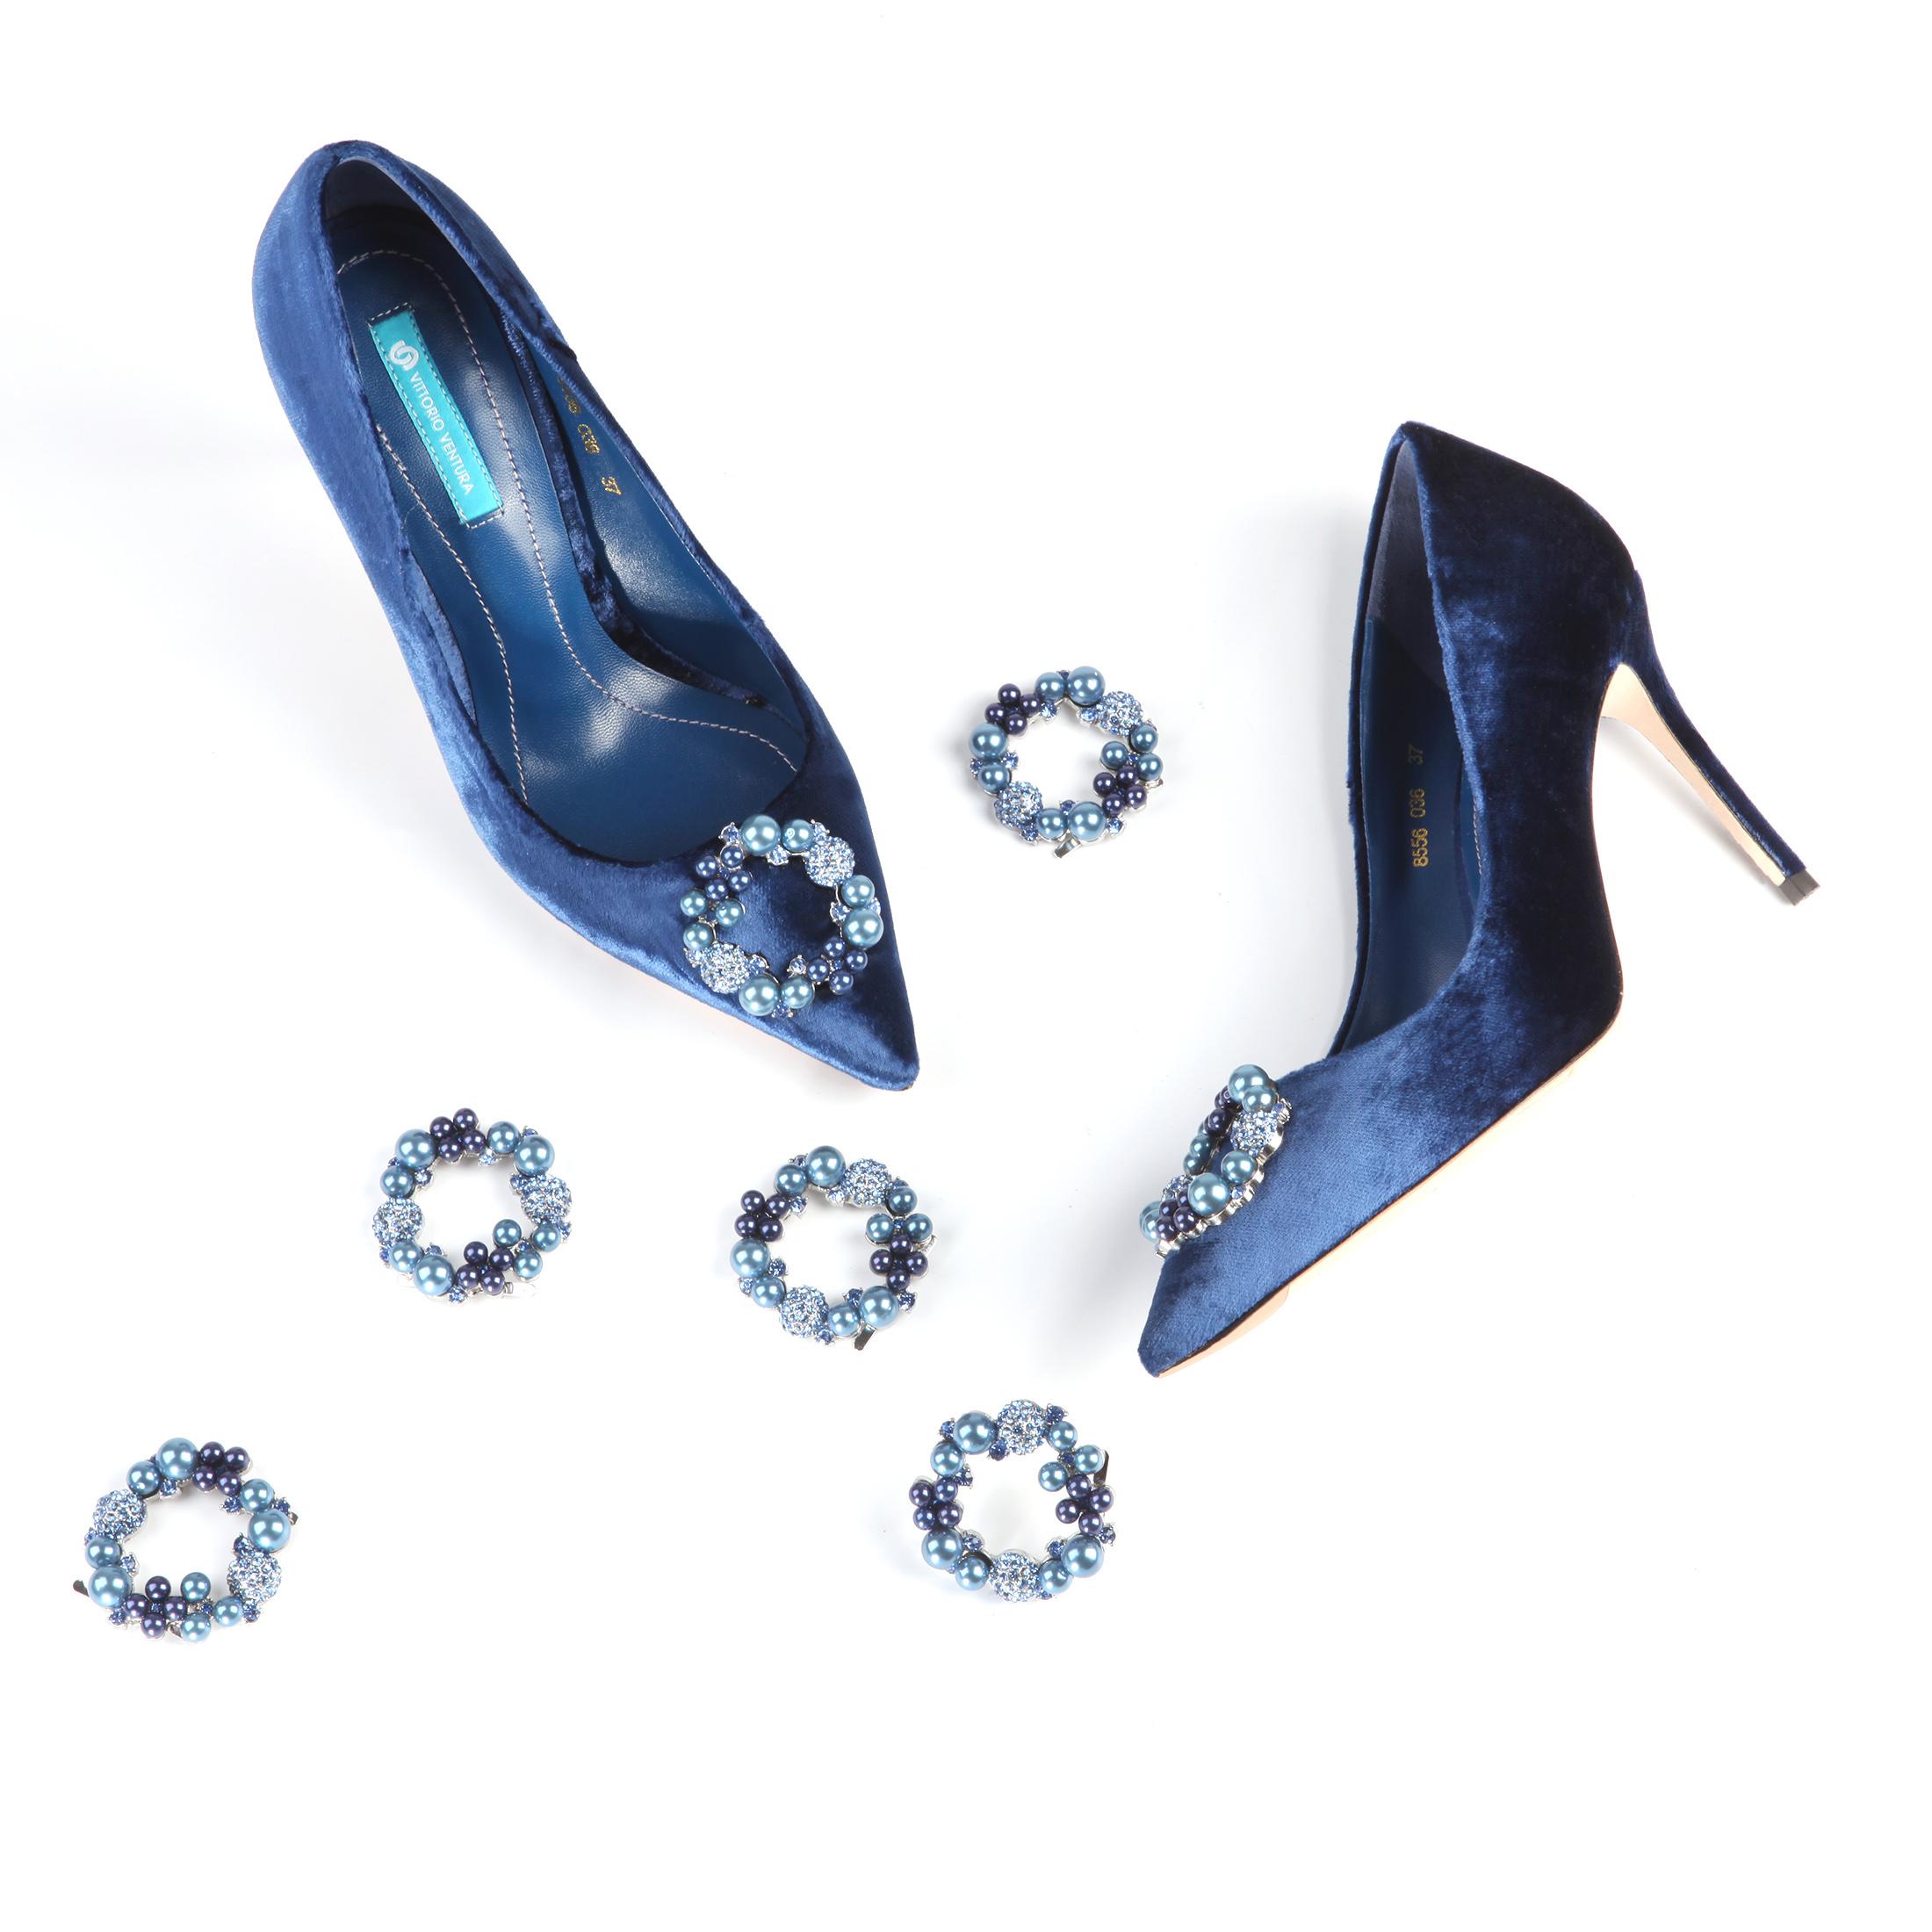 系列蓝色女鞋